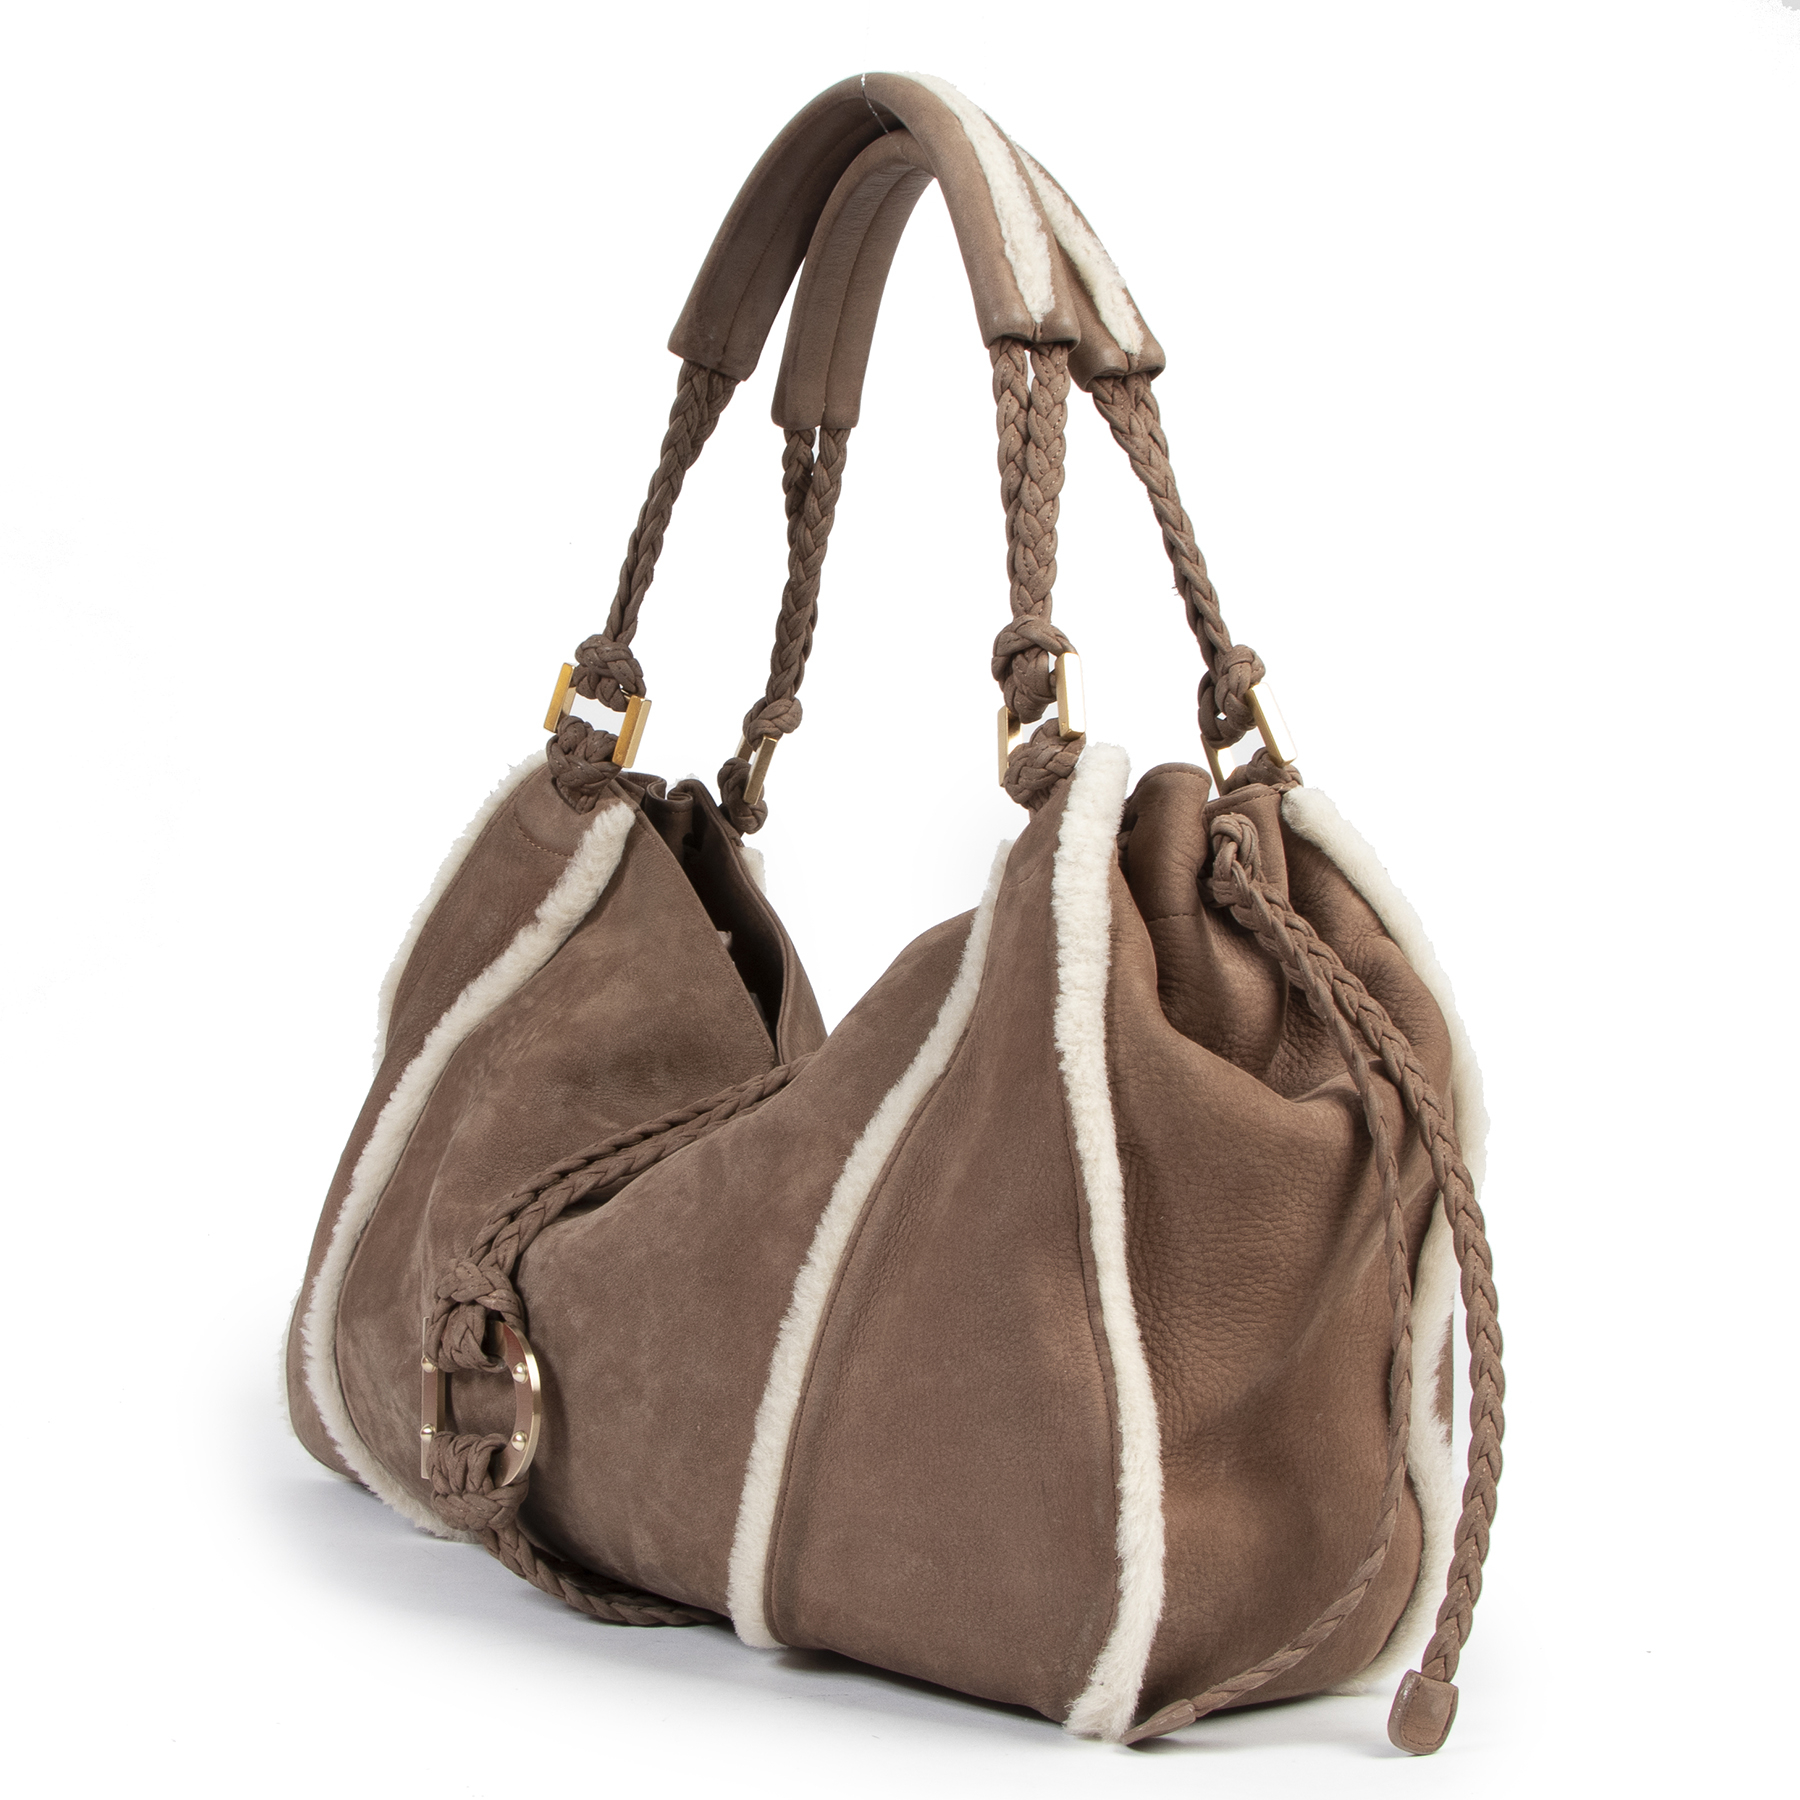 bent u op zoek naar een authentieke designer handtas bij Labellov?